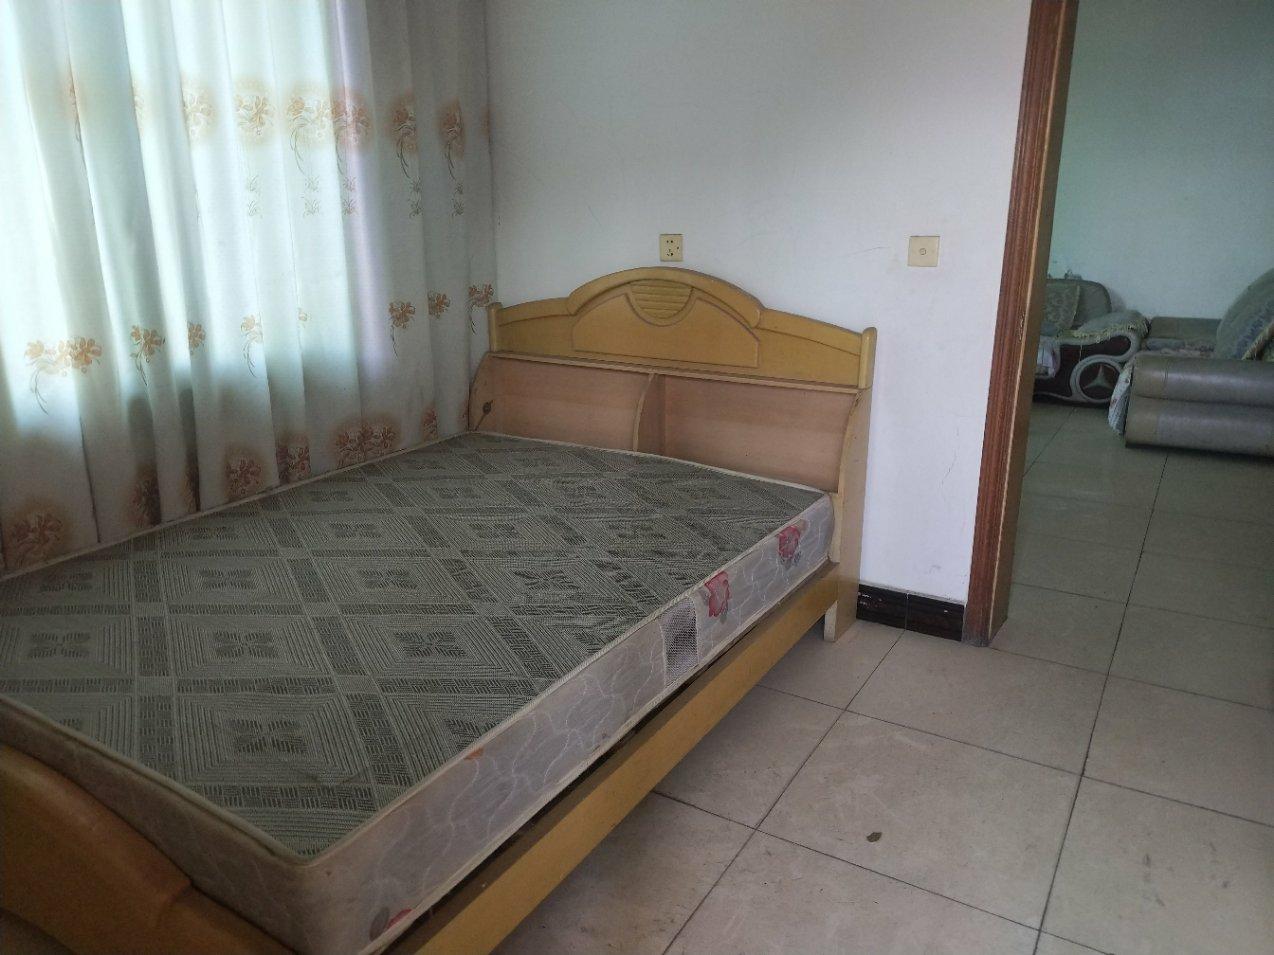 小东街3室2厅2卫20万元。巴士的板